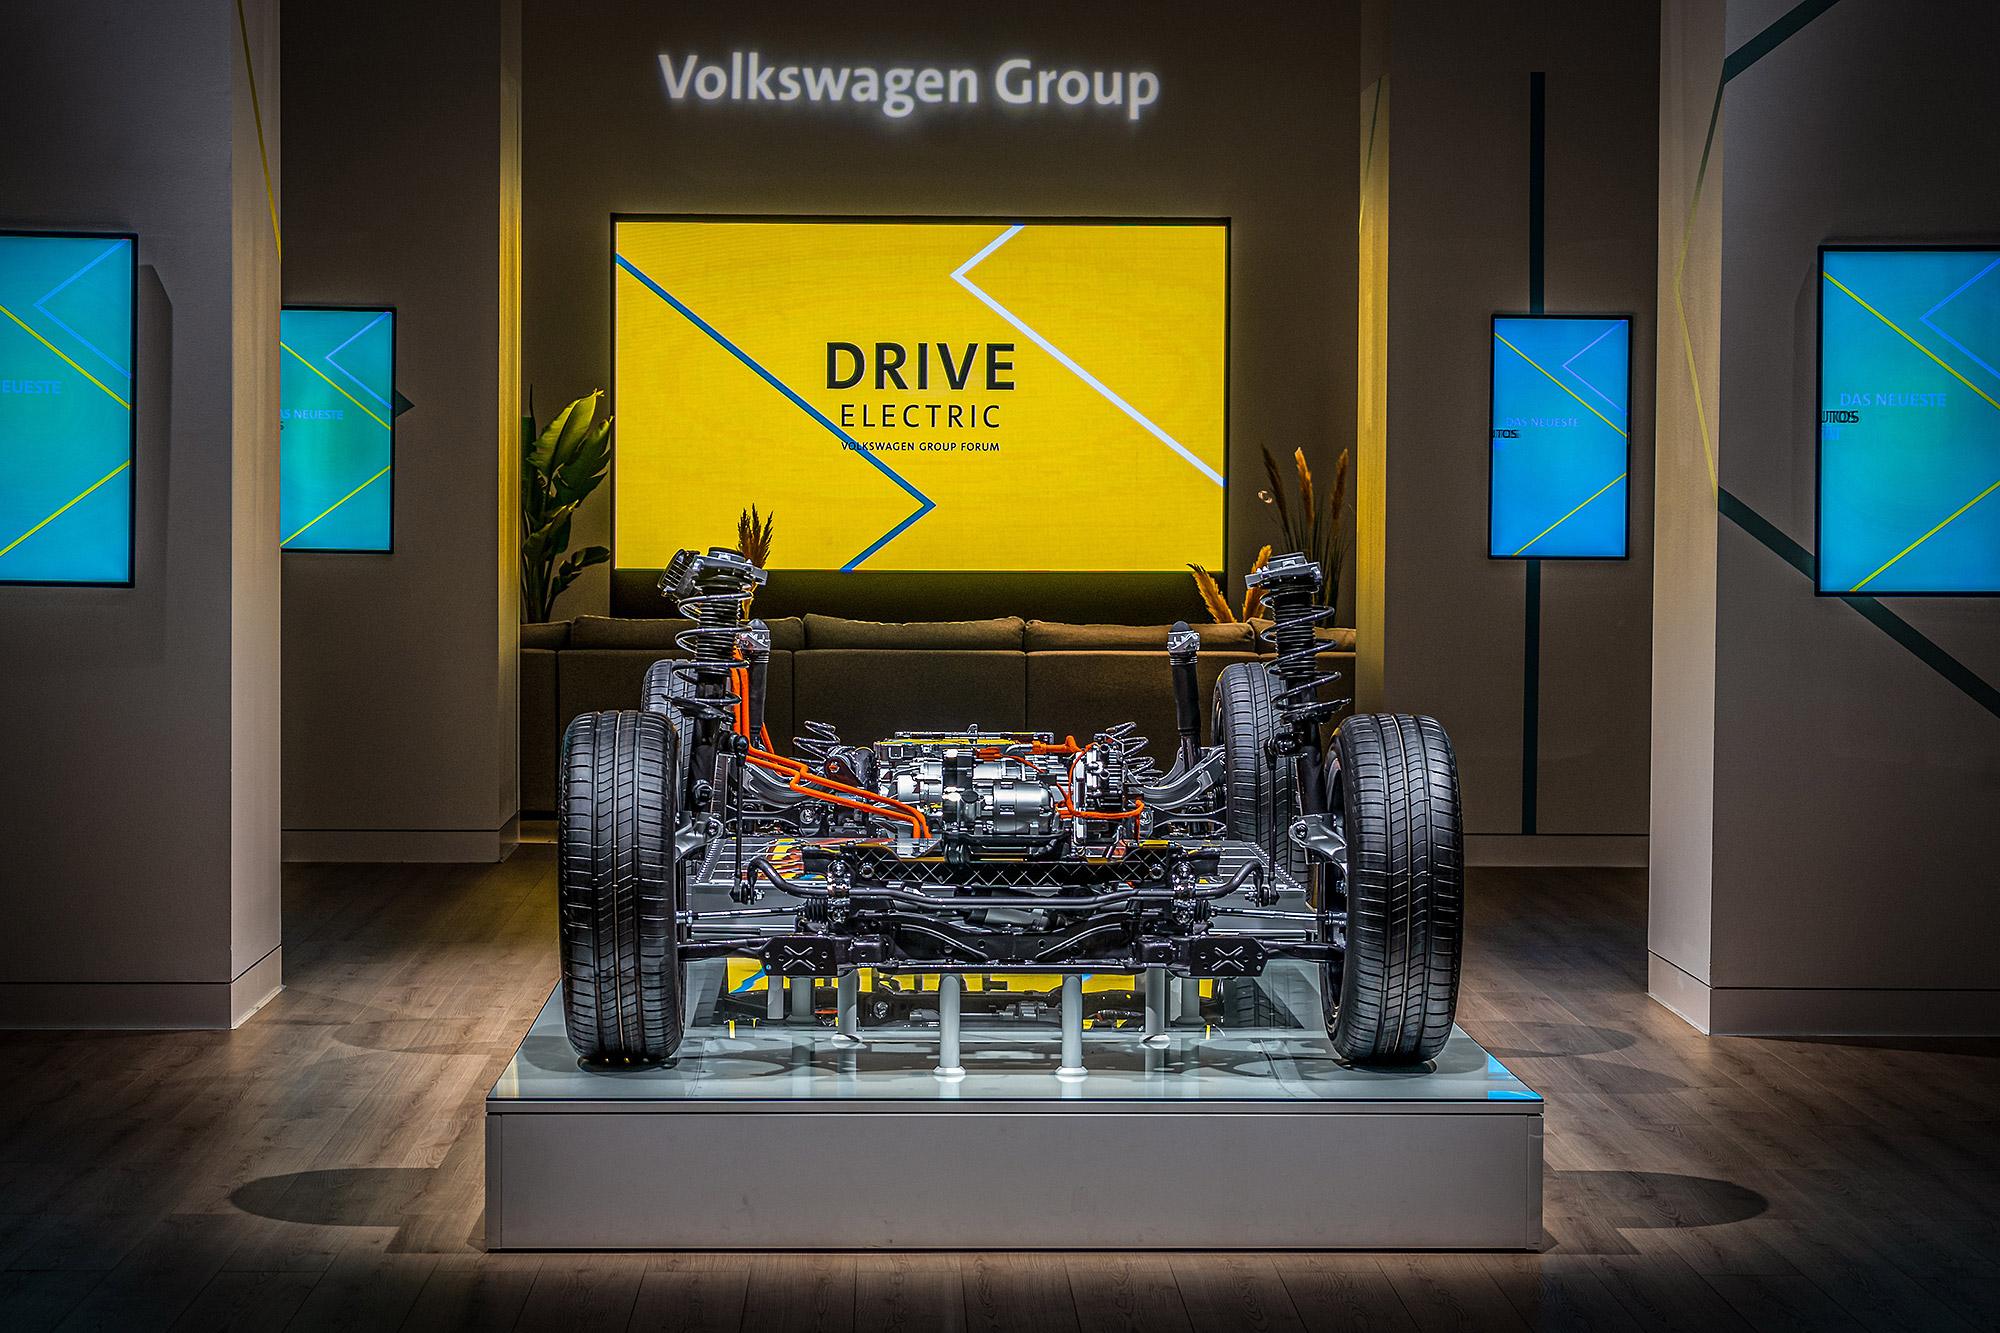 雖然汽車零件數量眾多,但無論比例多寡,只要有一項零件缺乏,就無法走出生產線。